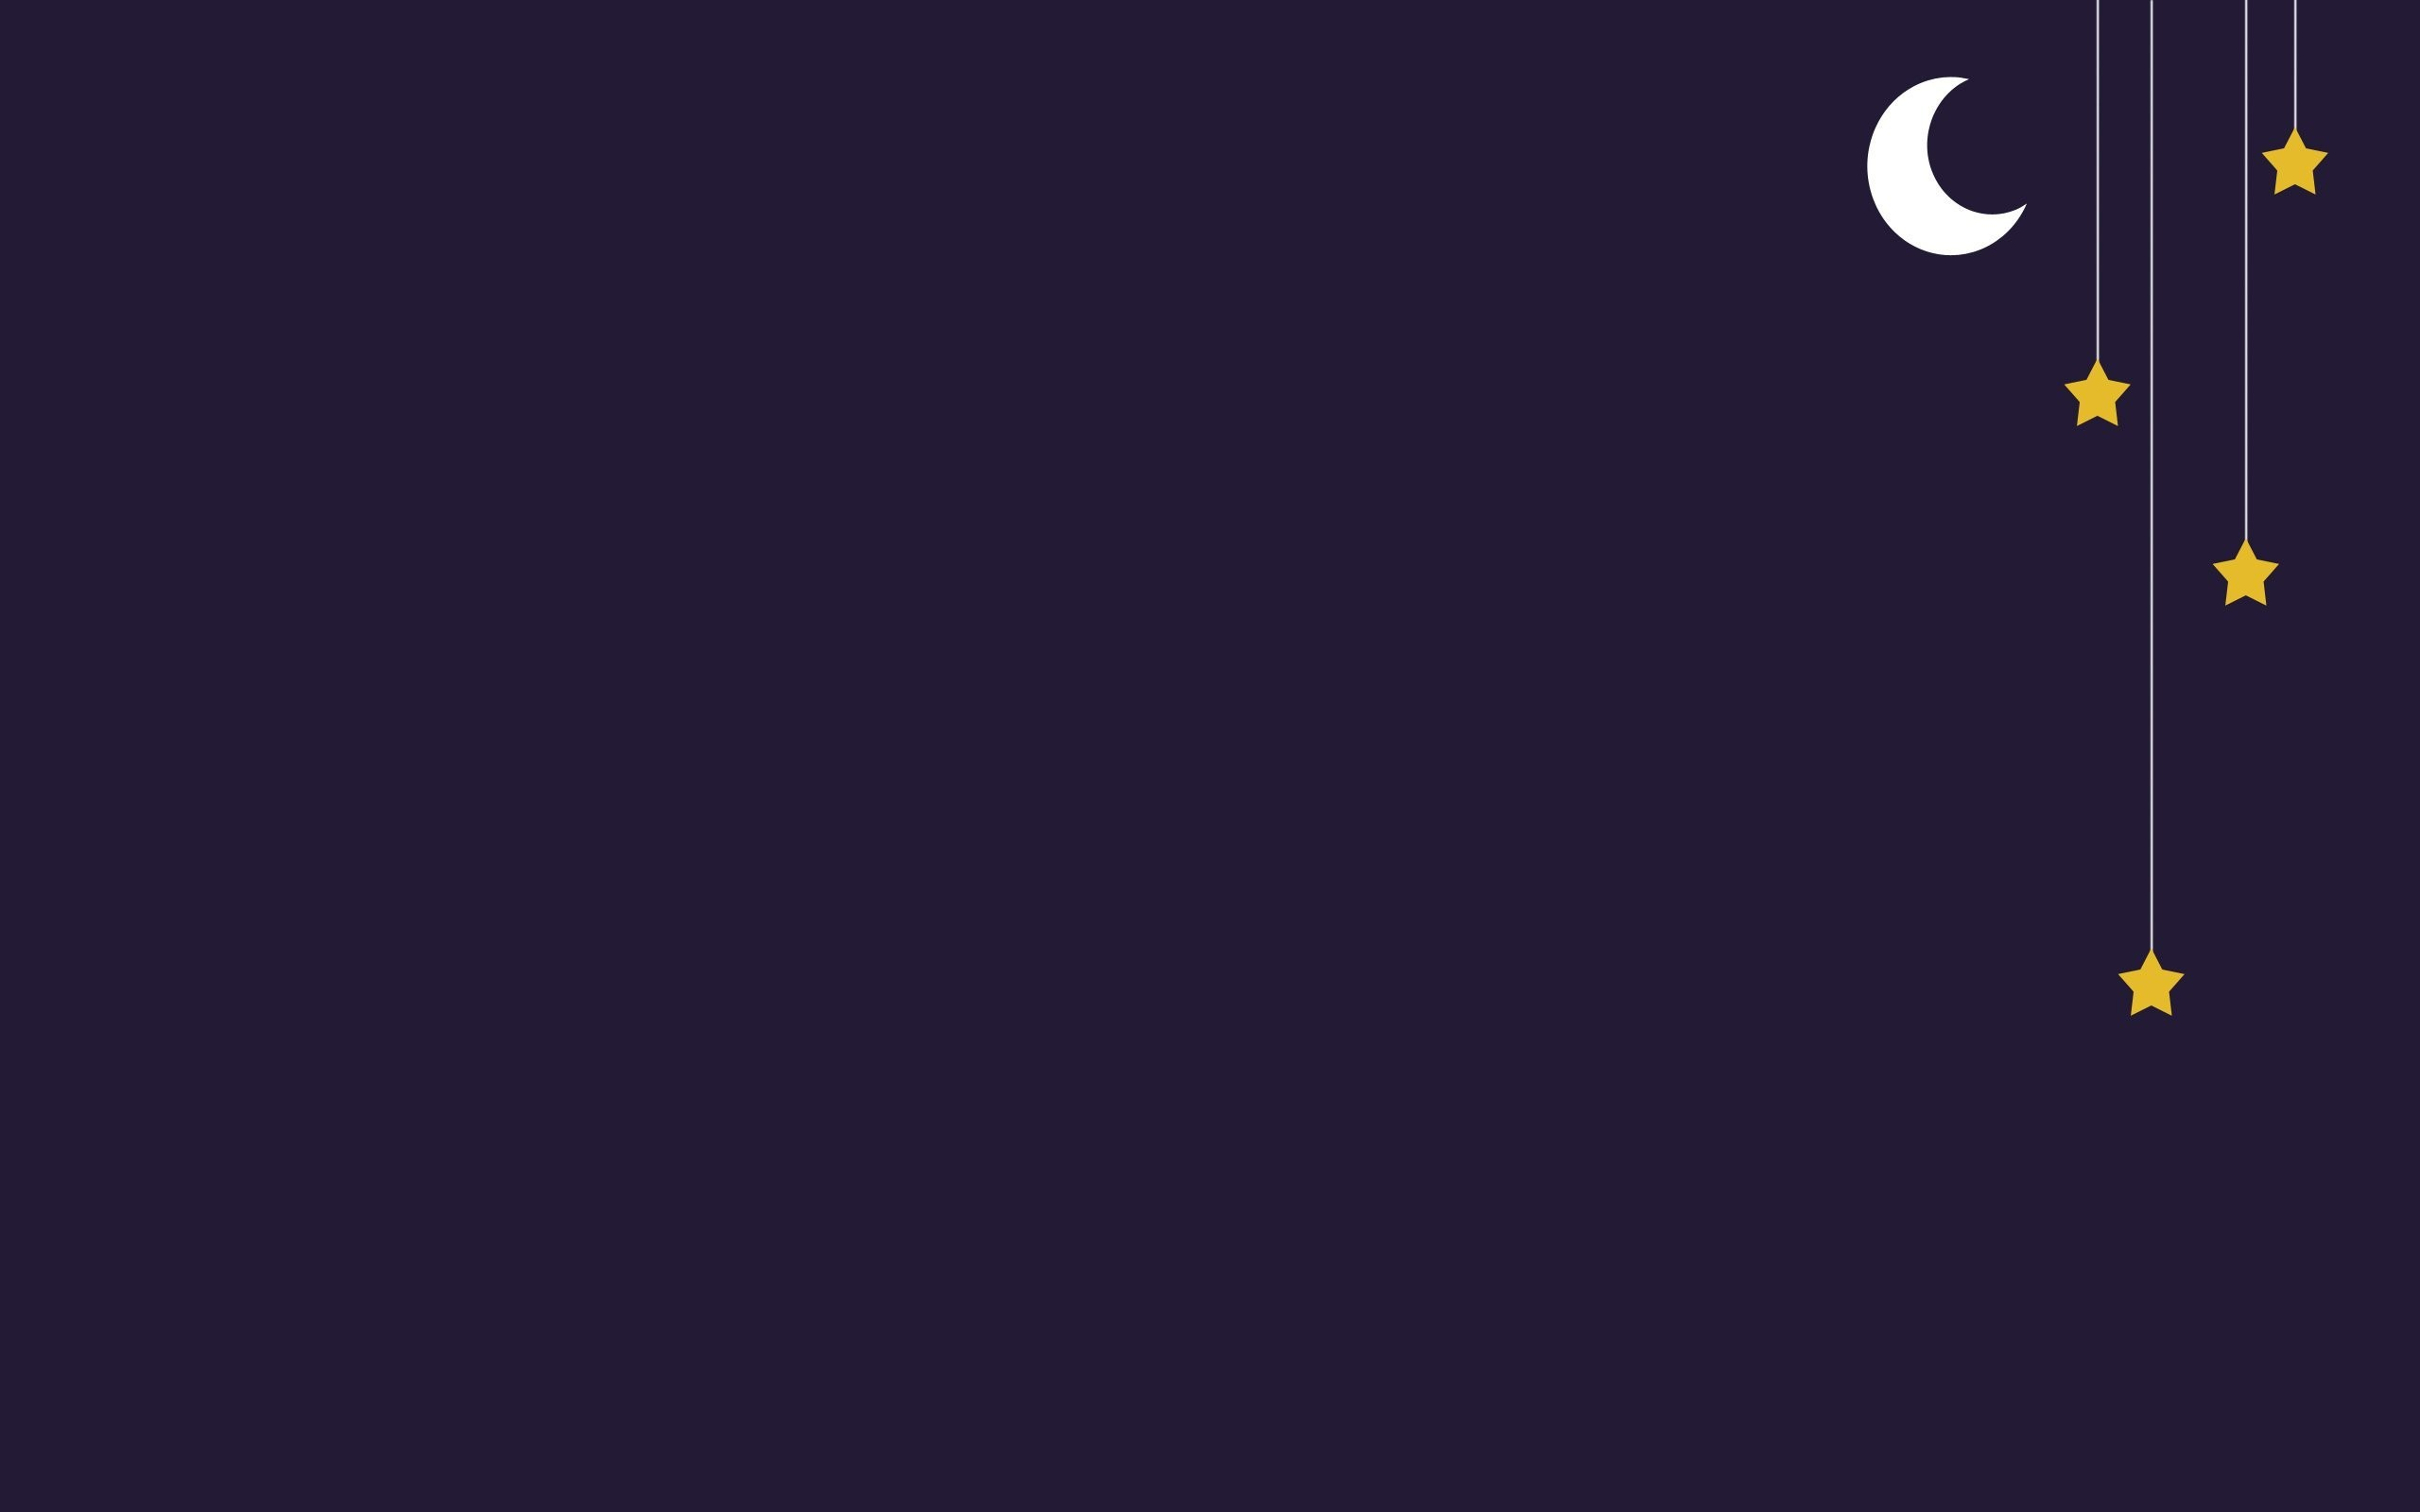 lua 5.3 tutorial